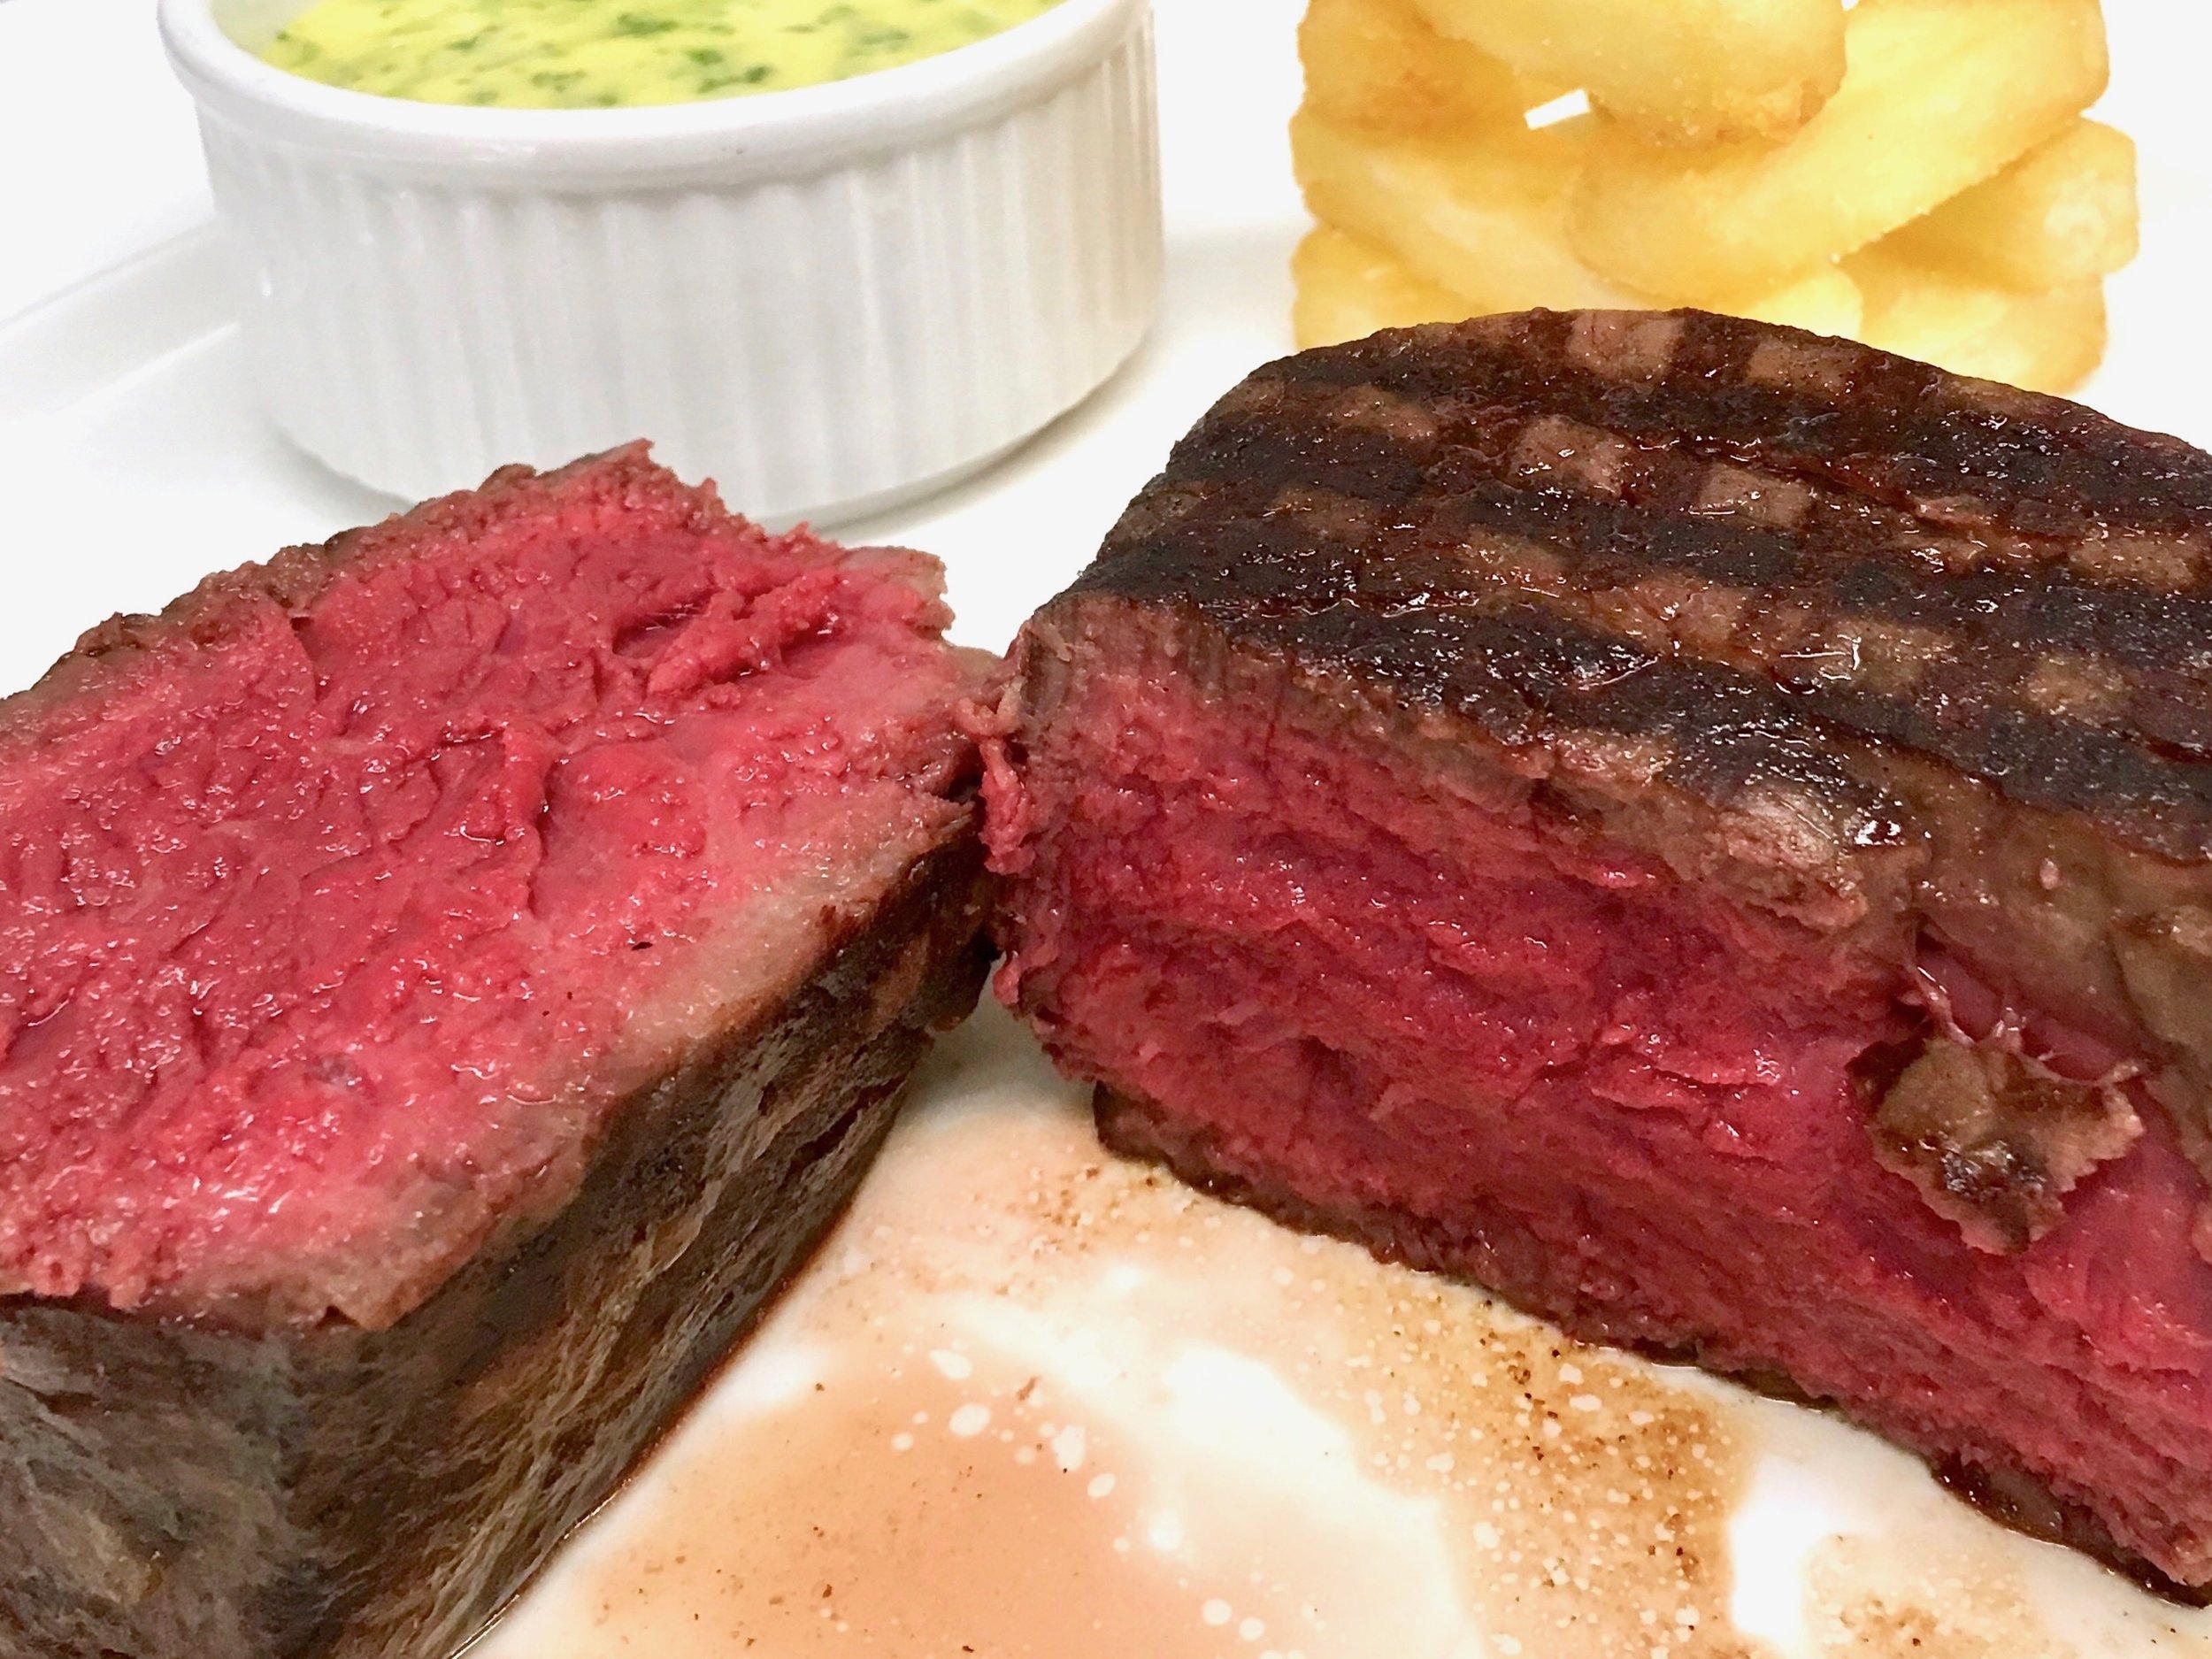 Fillet steak served rare